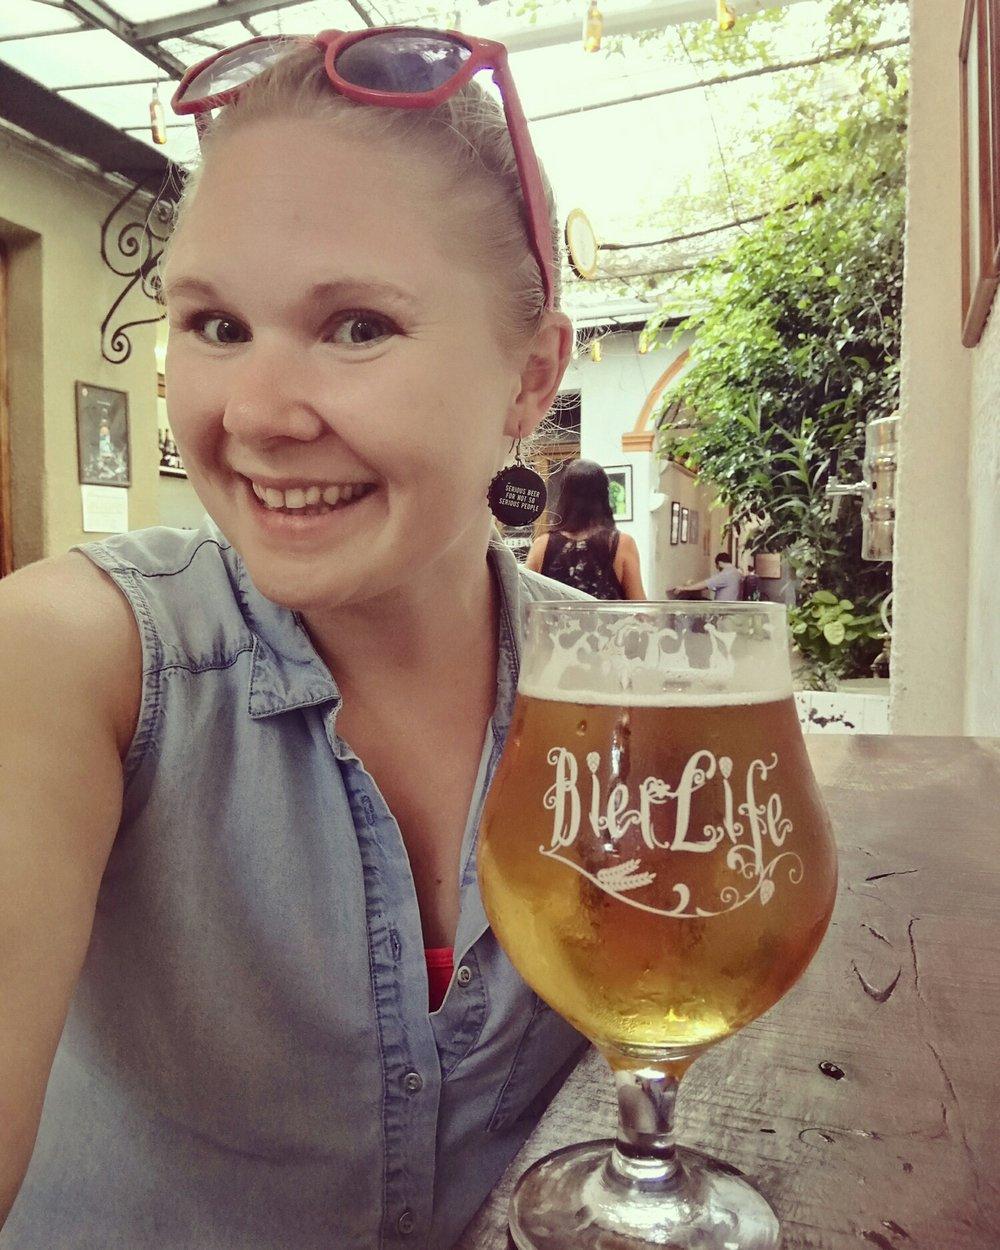 Resans bästa sällskap: en god öl och jag själv.